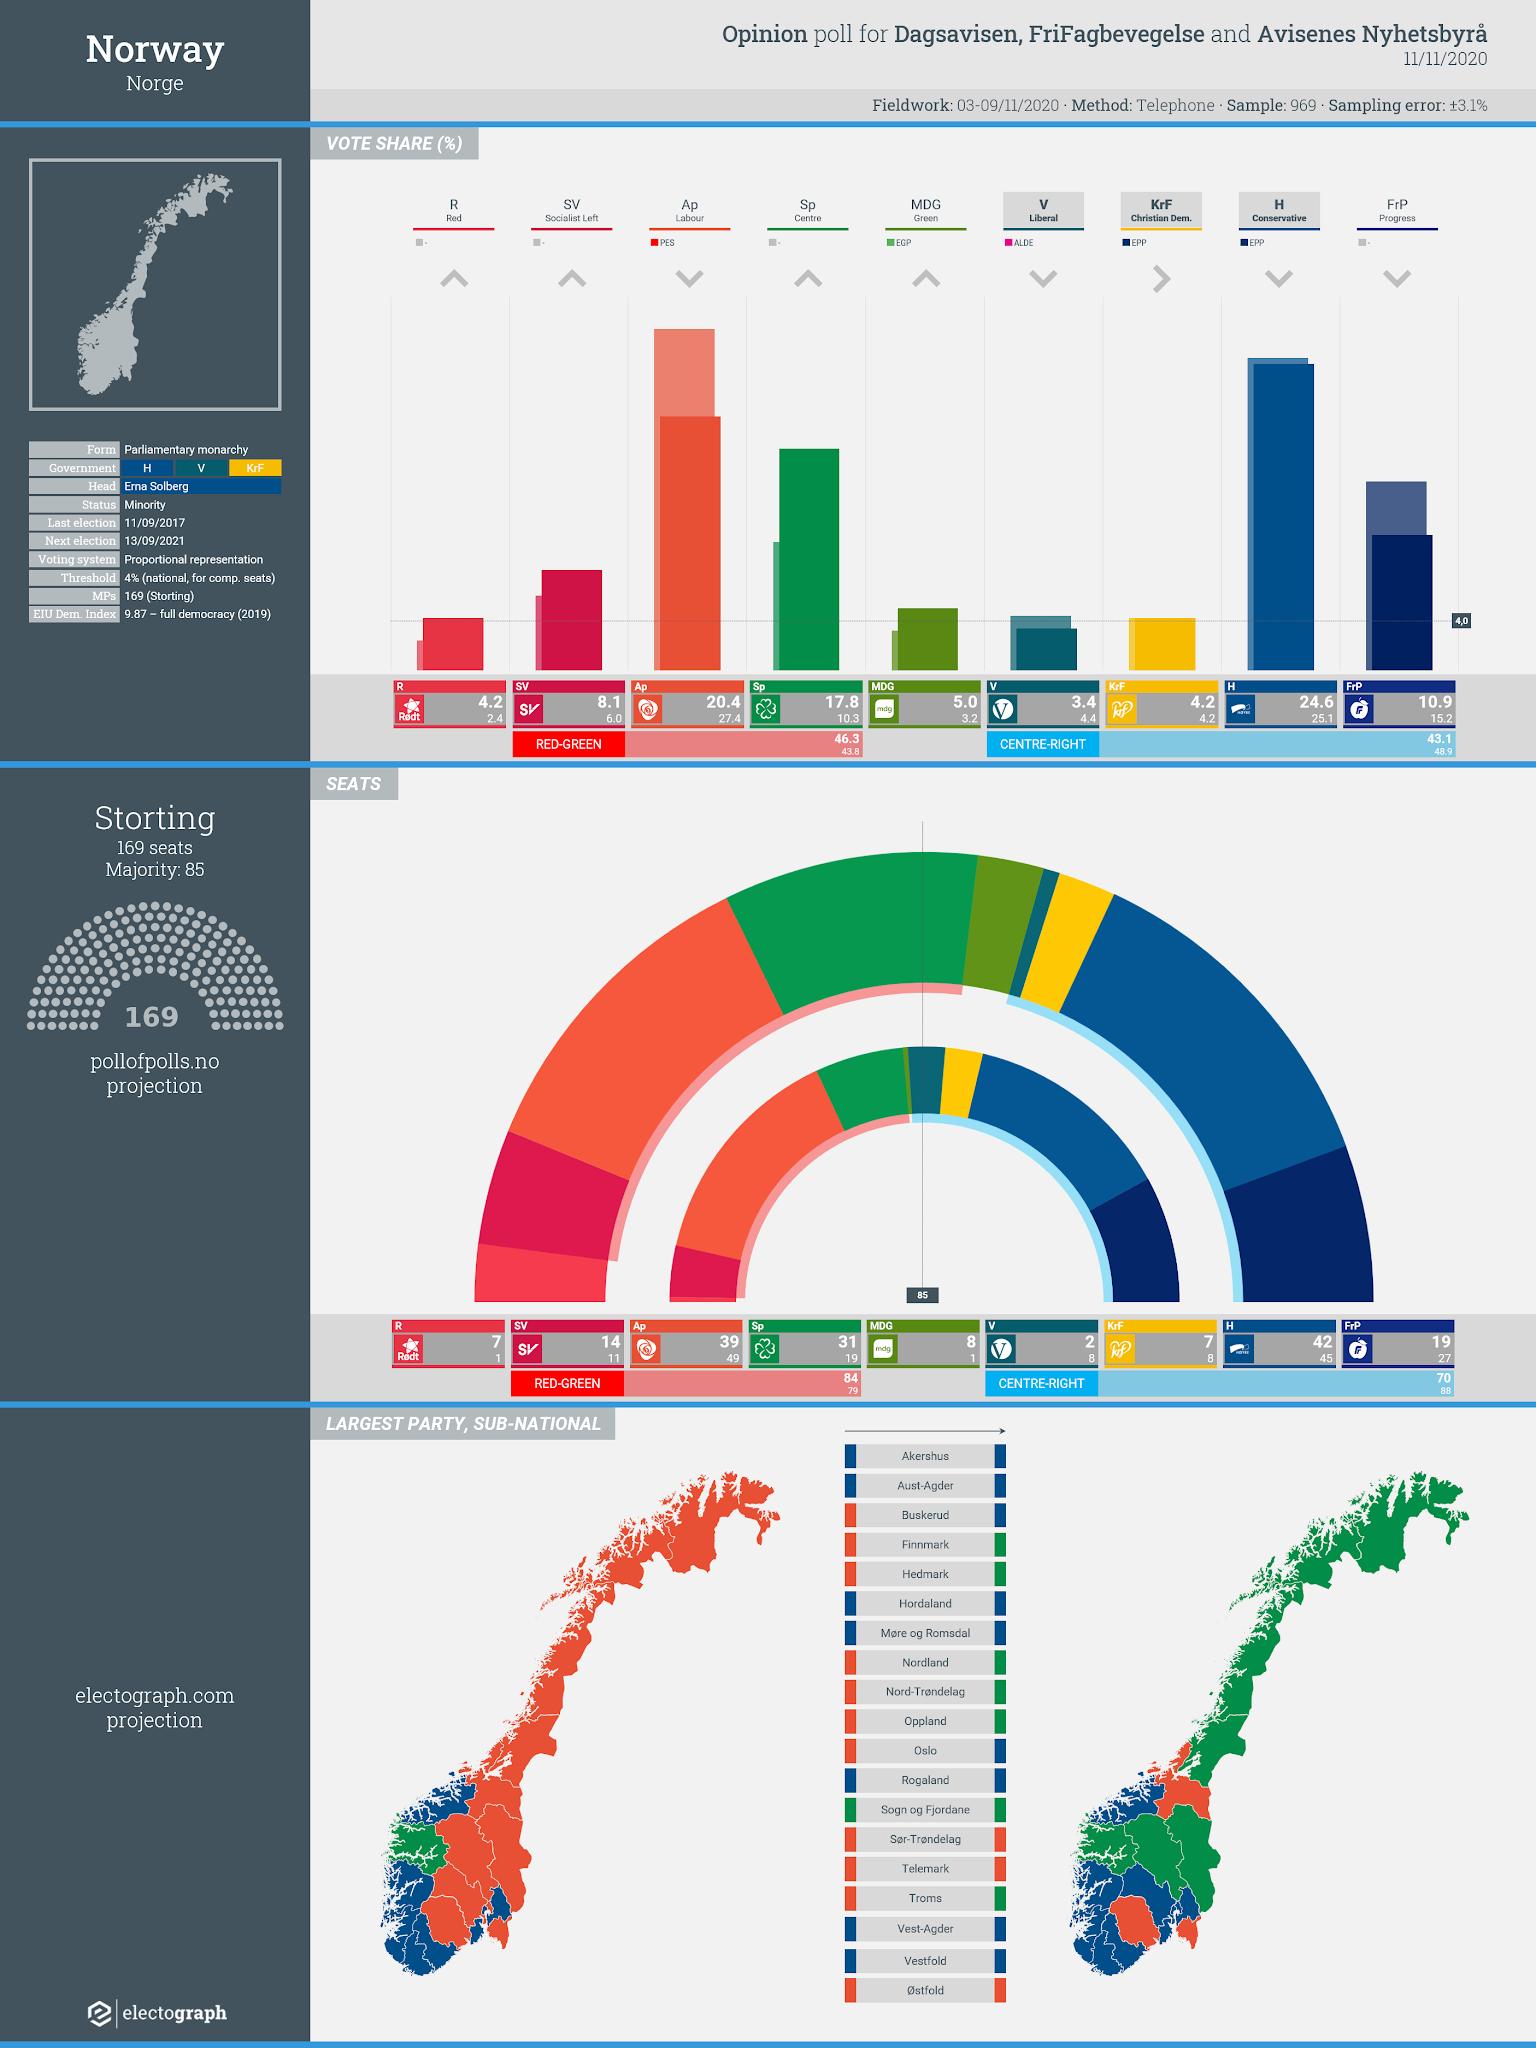 NORWAY: Opinion poll chart for FriFagbevegelse, Dagsavisen and Avisenes Nyhetsbyrå, 11 November 2020